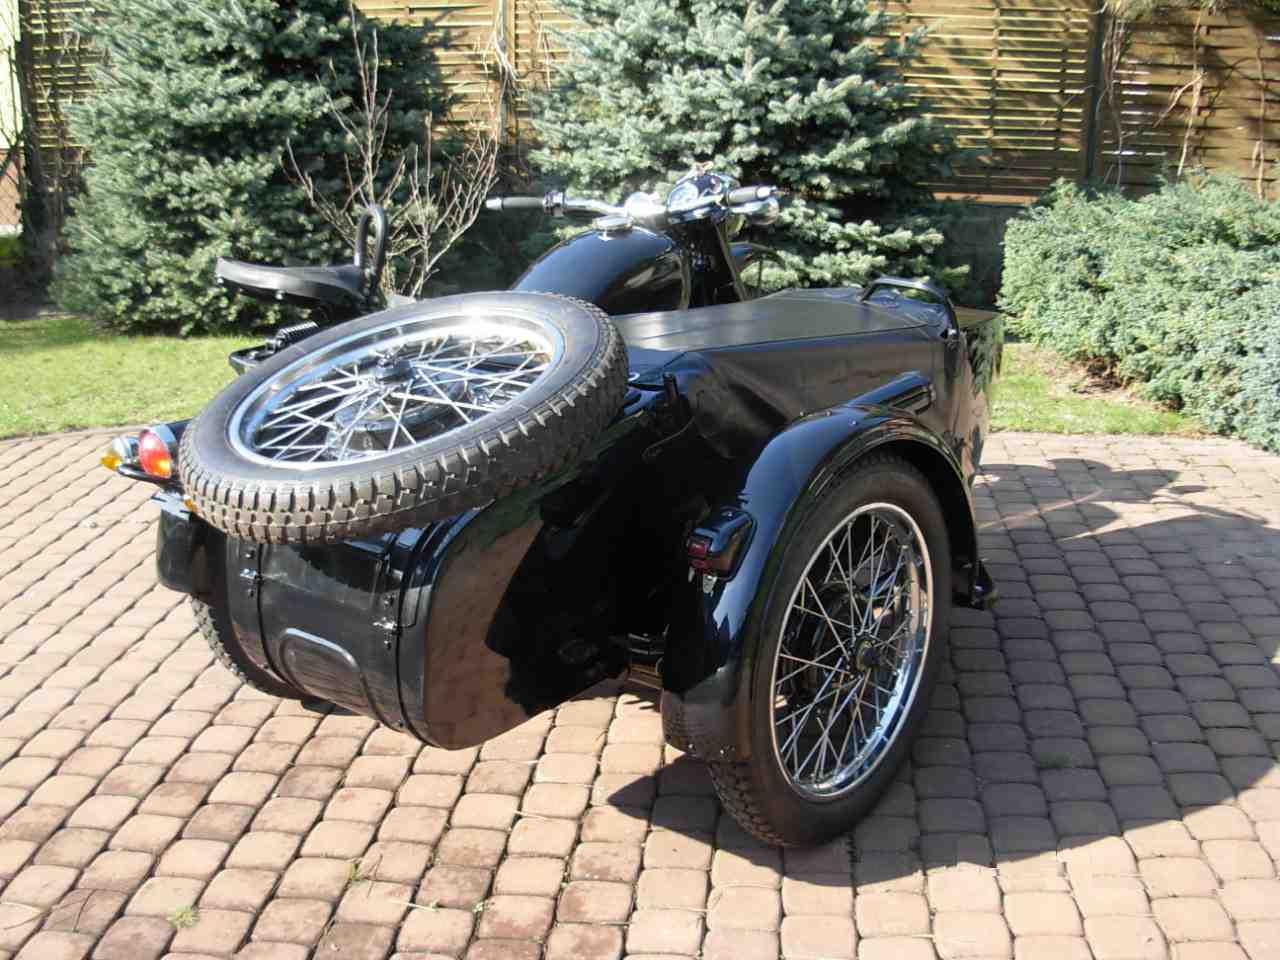 Motocykl Bmw R71 Chang Jiang Z Bocznym Wózkiem 7255469763